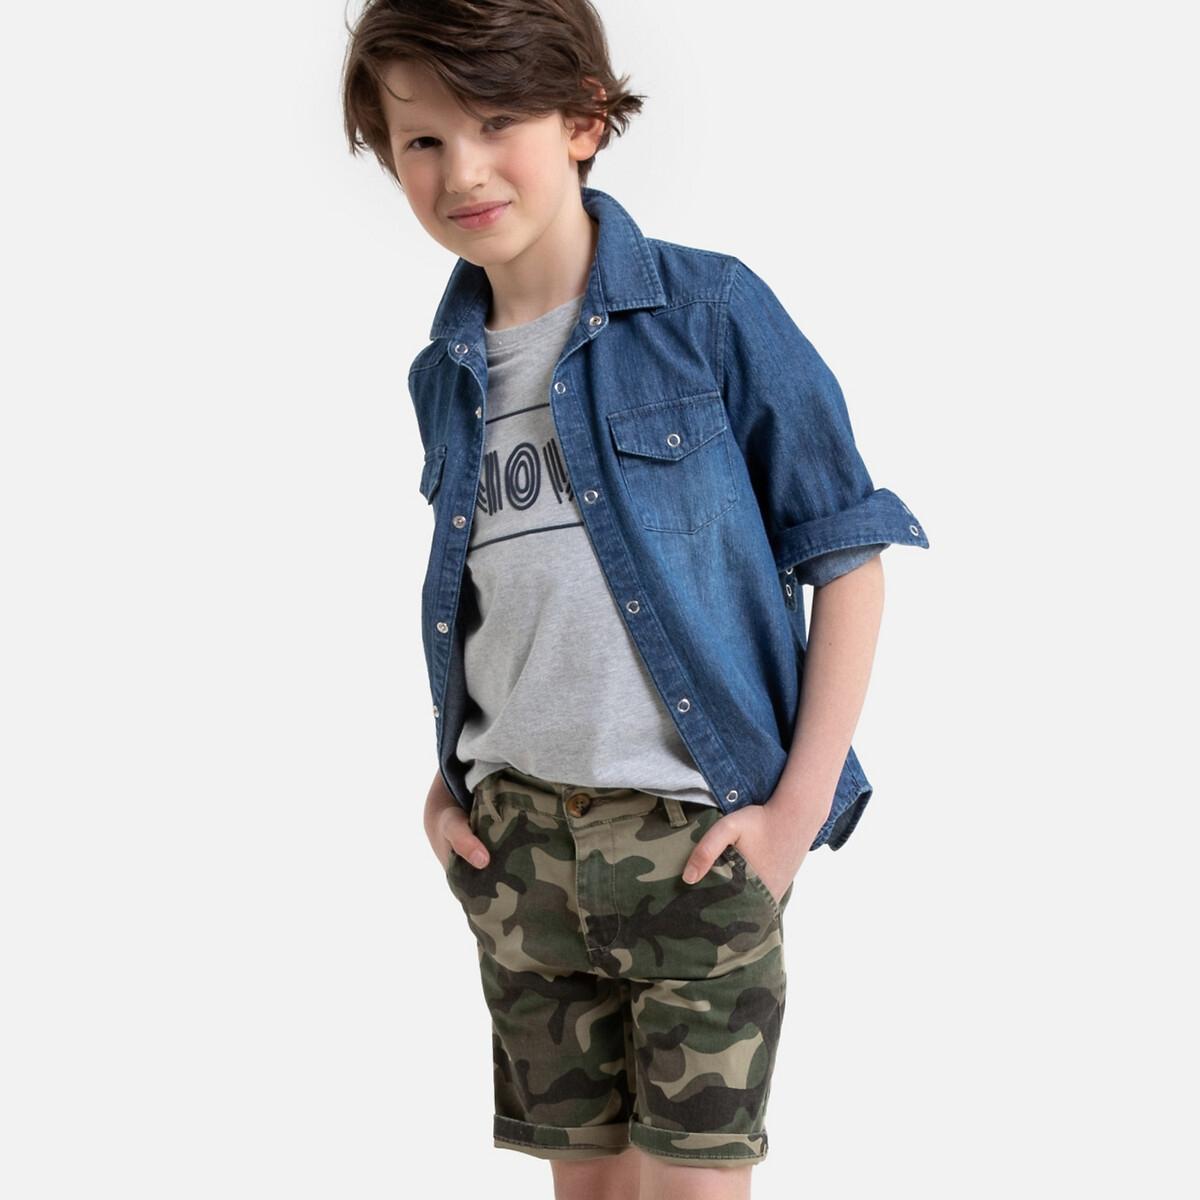 Фото - Рубашка LaRedoute Джинсовая 3-12 лет 8 лет - 126 см синий рубашка laredoute джинсовая 3 12 лет 8 лет 126 см синий